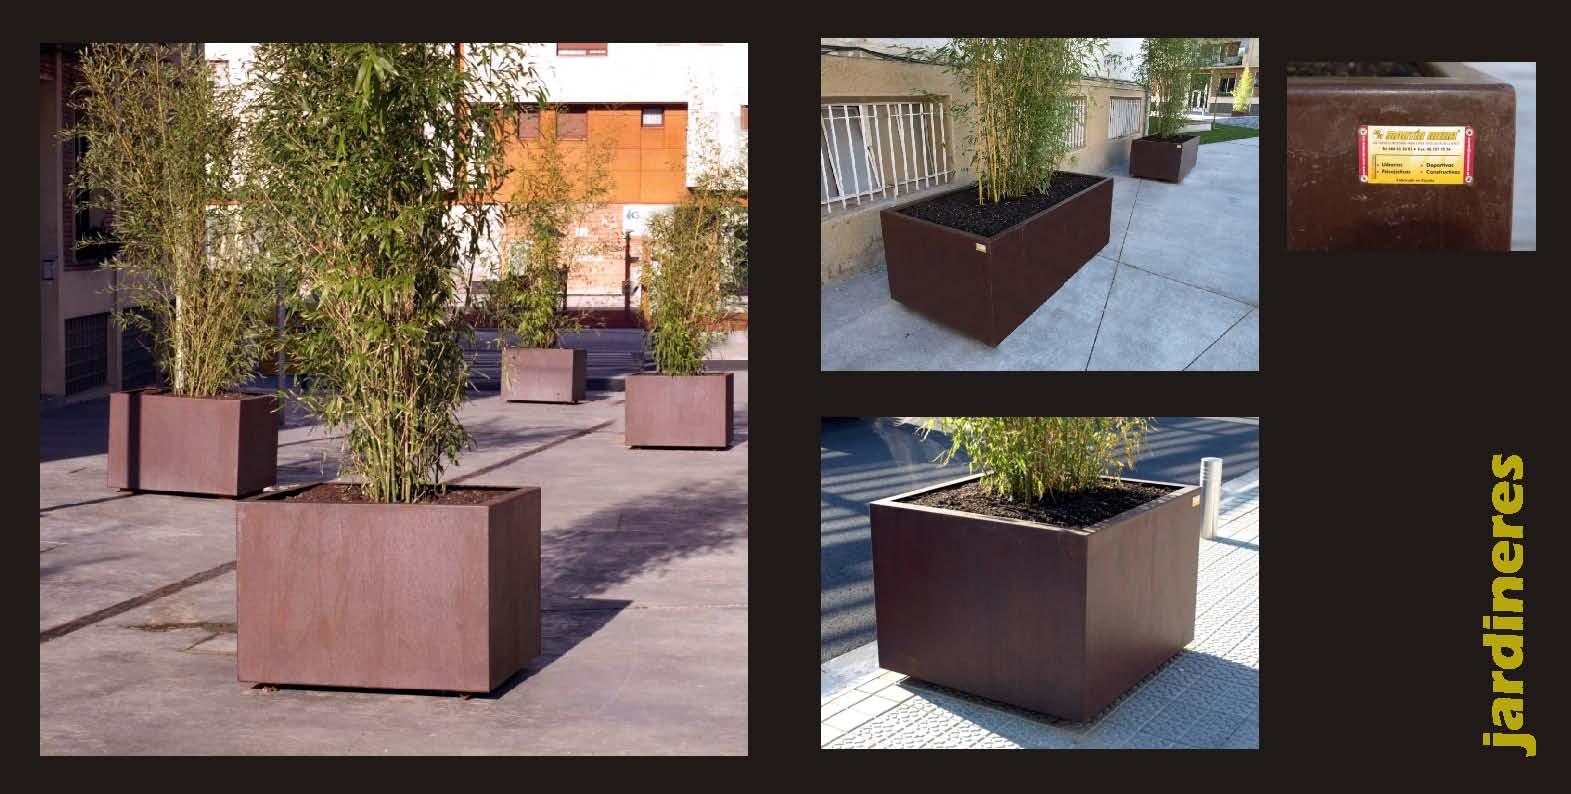 Martin mena mobiliario urbano adaptado valencia for Jardineras acero corten